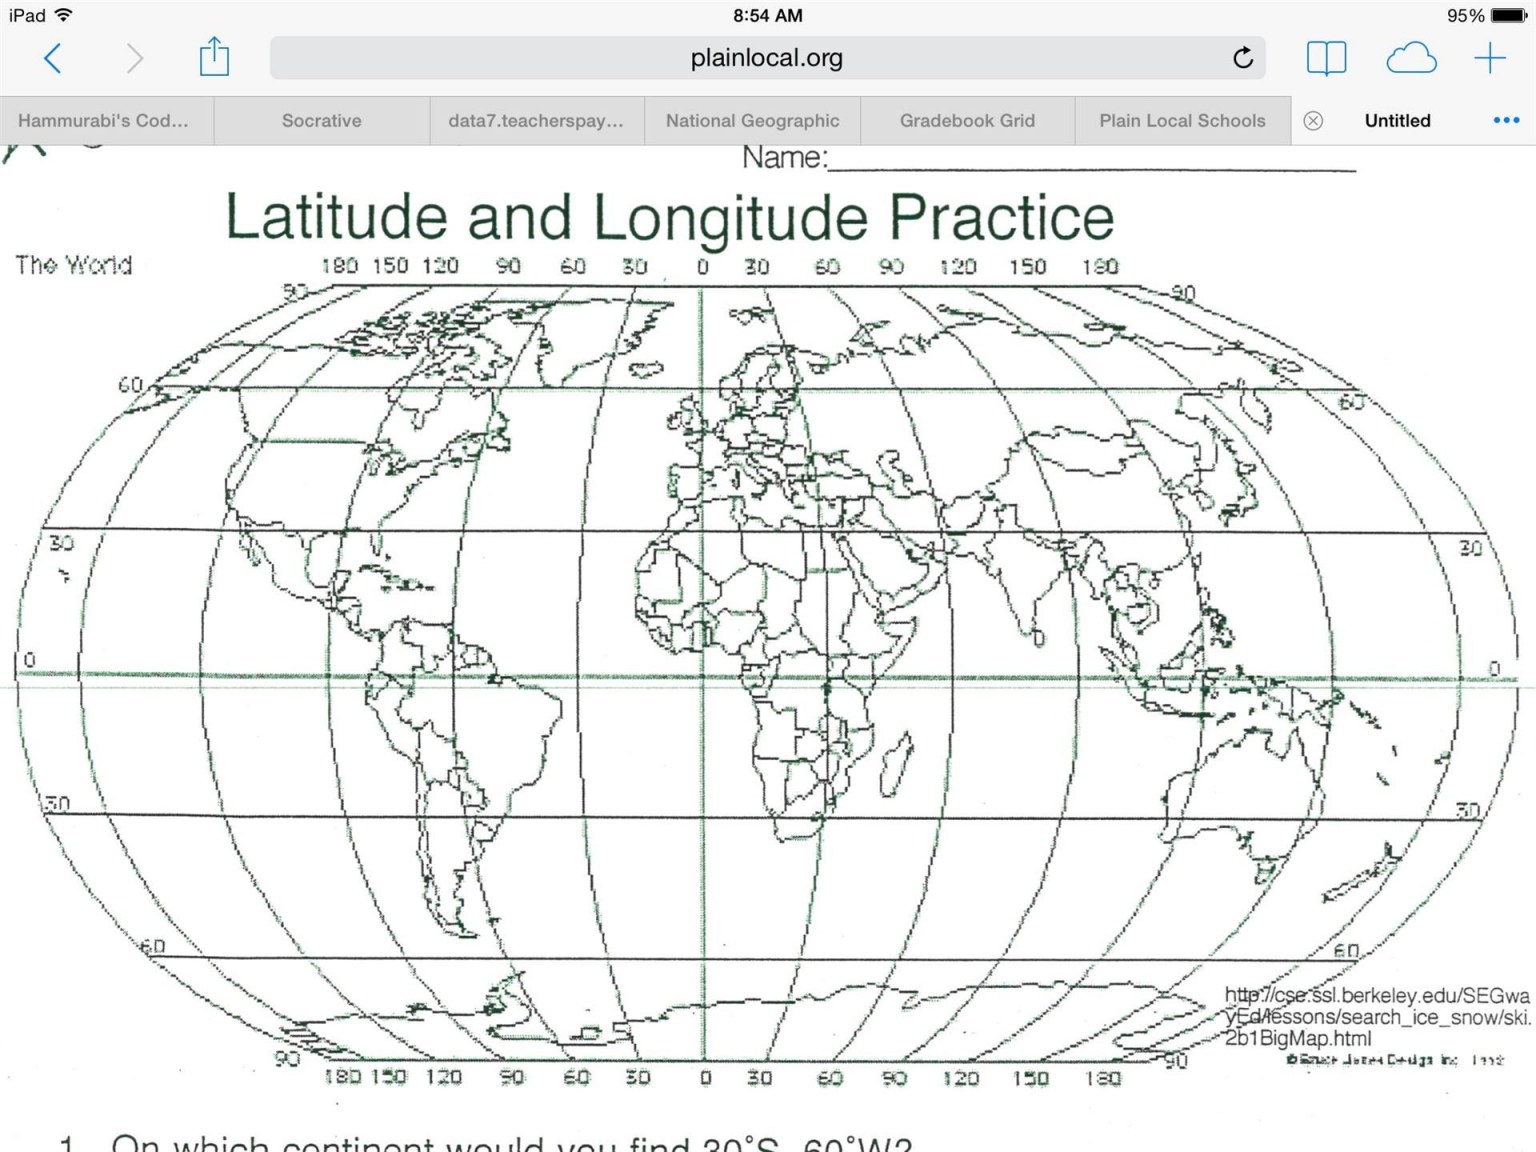 19 Correct World Latitude And Longitude